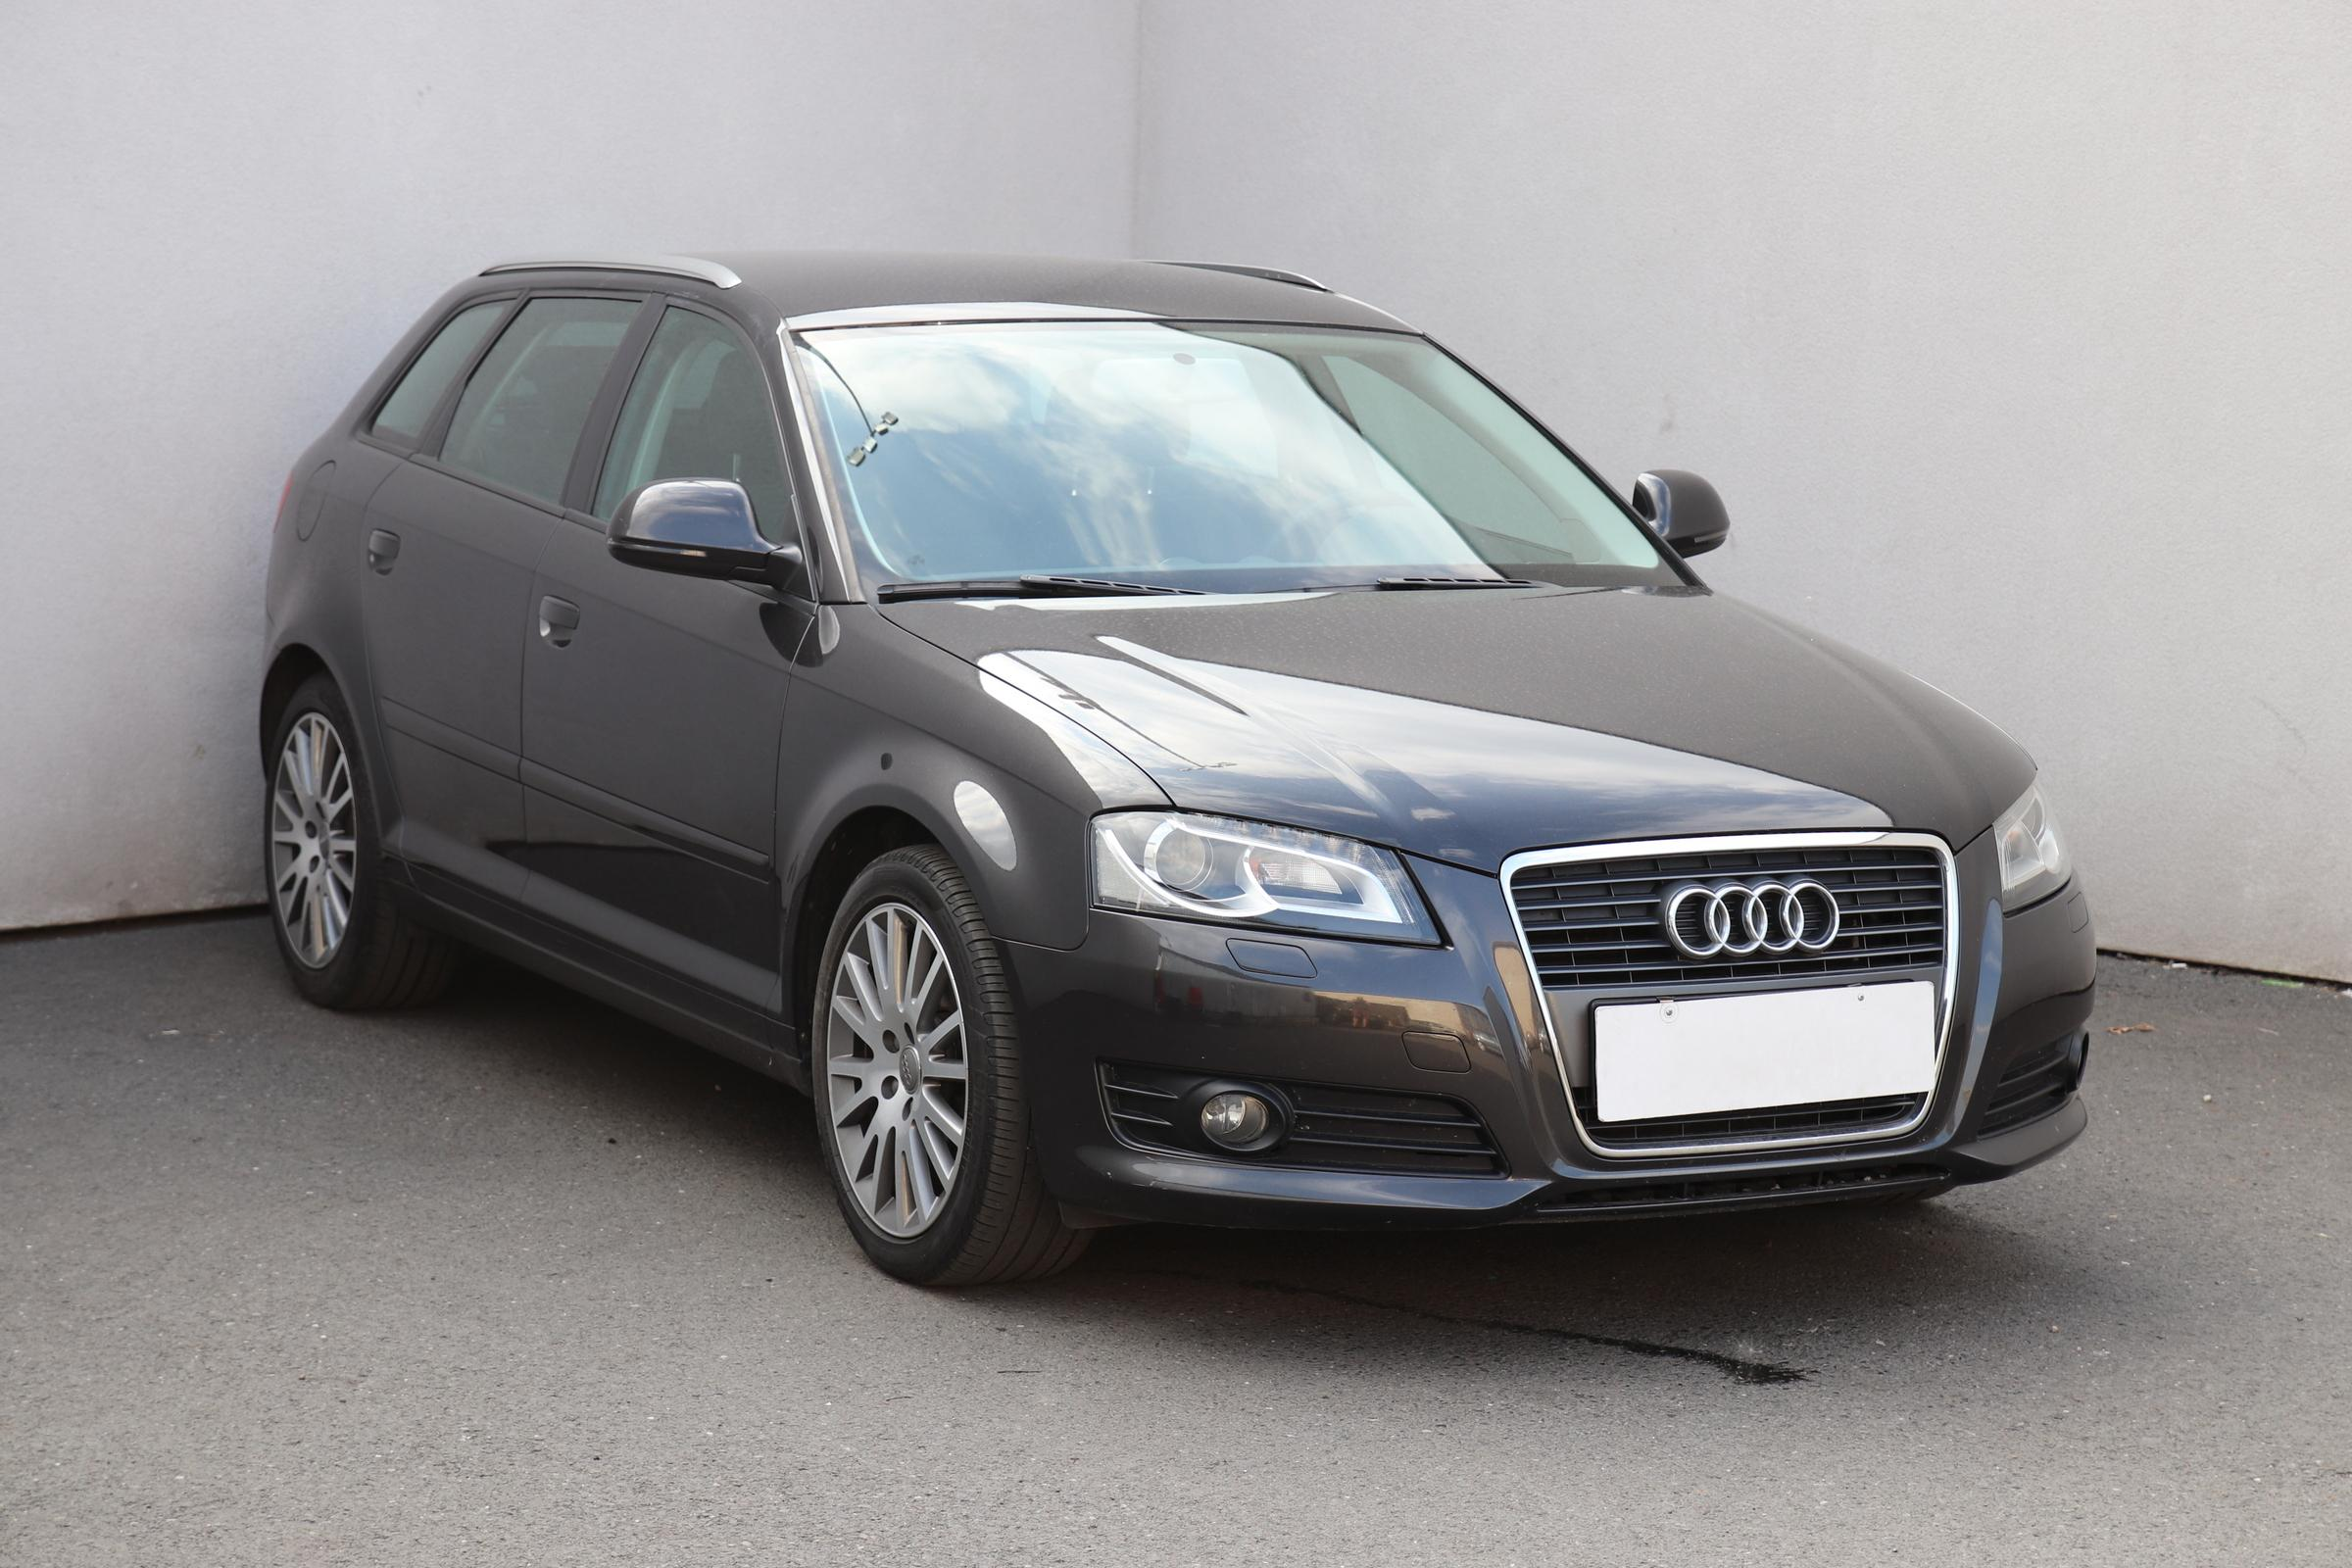 Audi A3 1.4TFSi